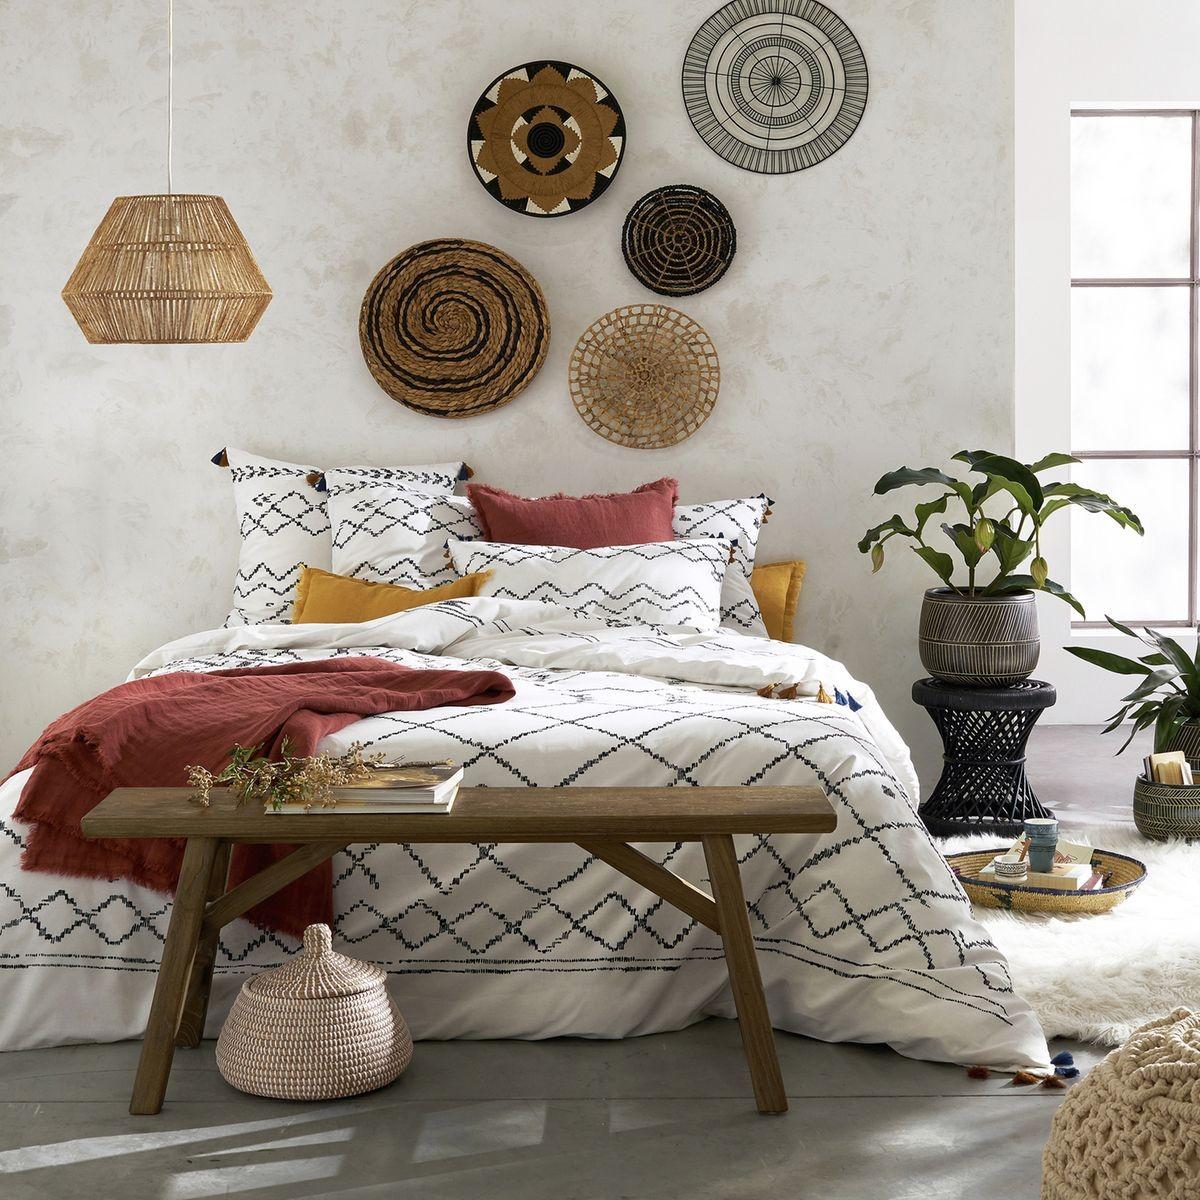 panier de rangement chambre bohémienne rouge blanche banc bois tapis fourrure - blog déco - clem around the corner